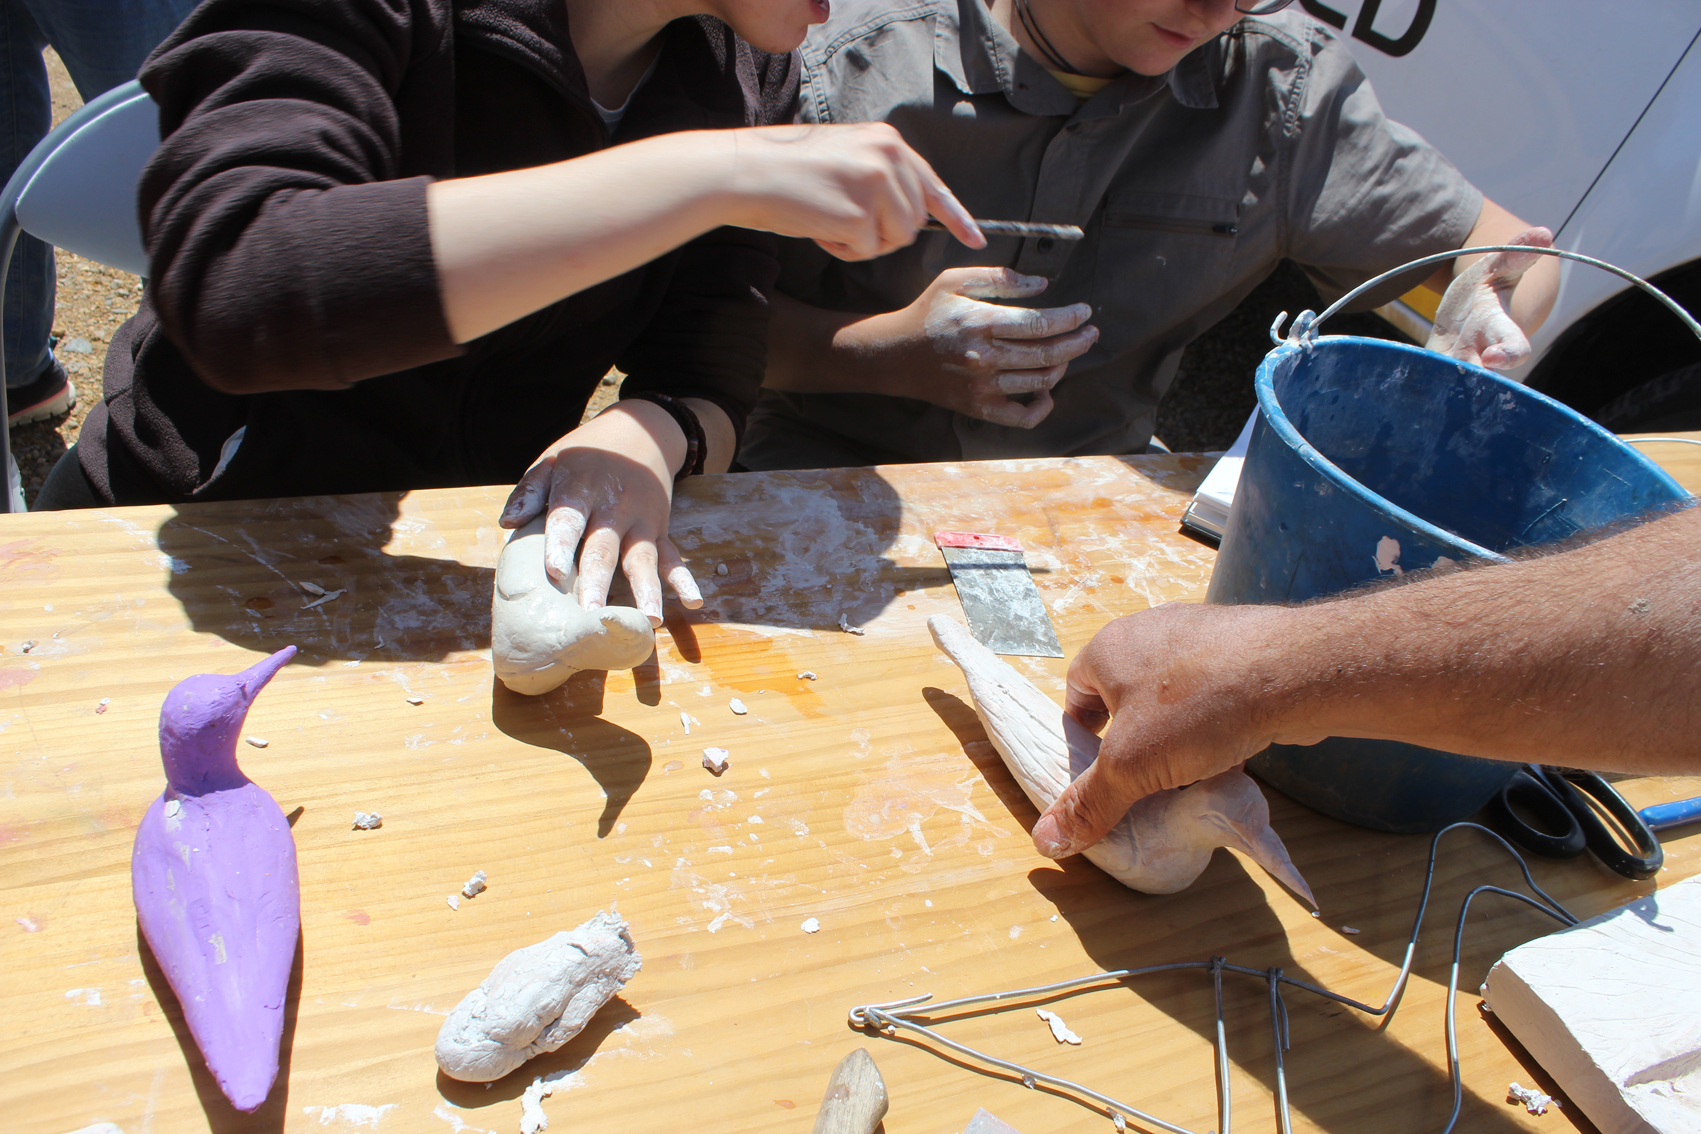 Formación y diversión realizando señuelos de aves. Imagen: EEA